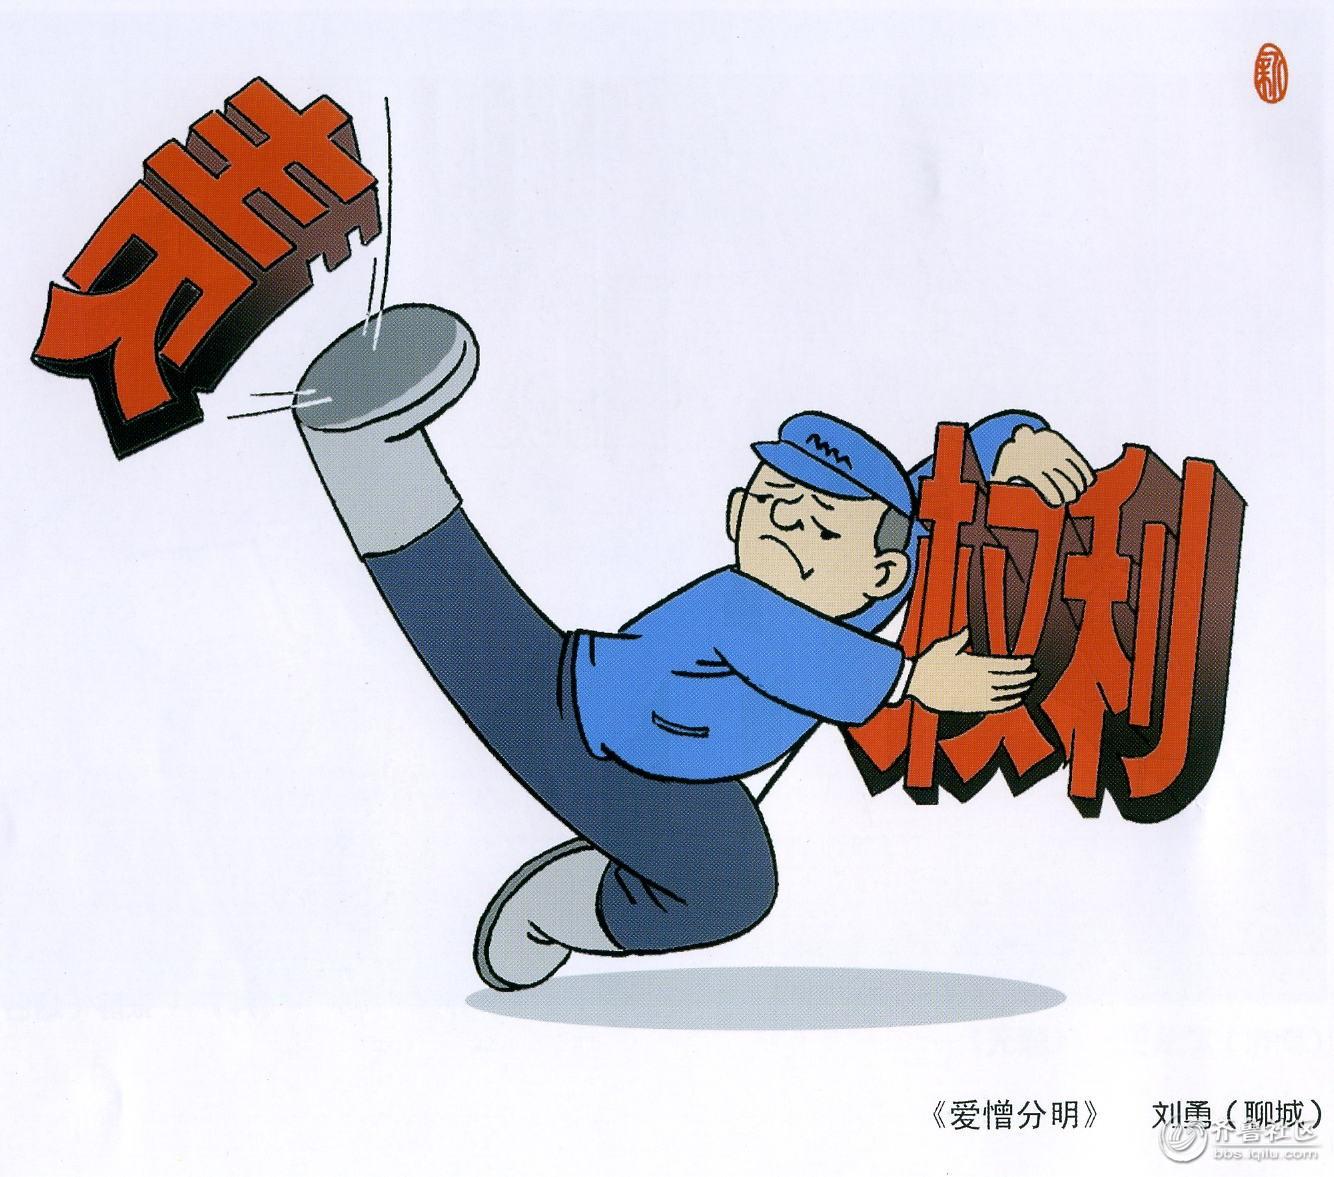 刘勇.jpg